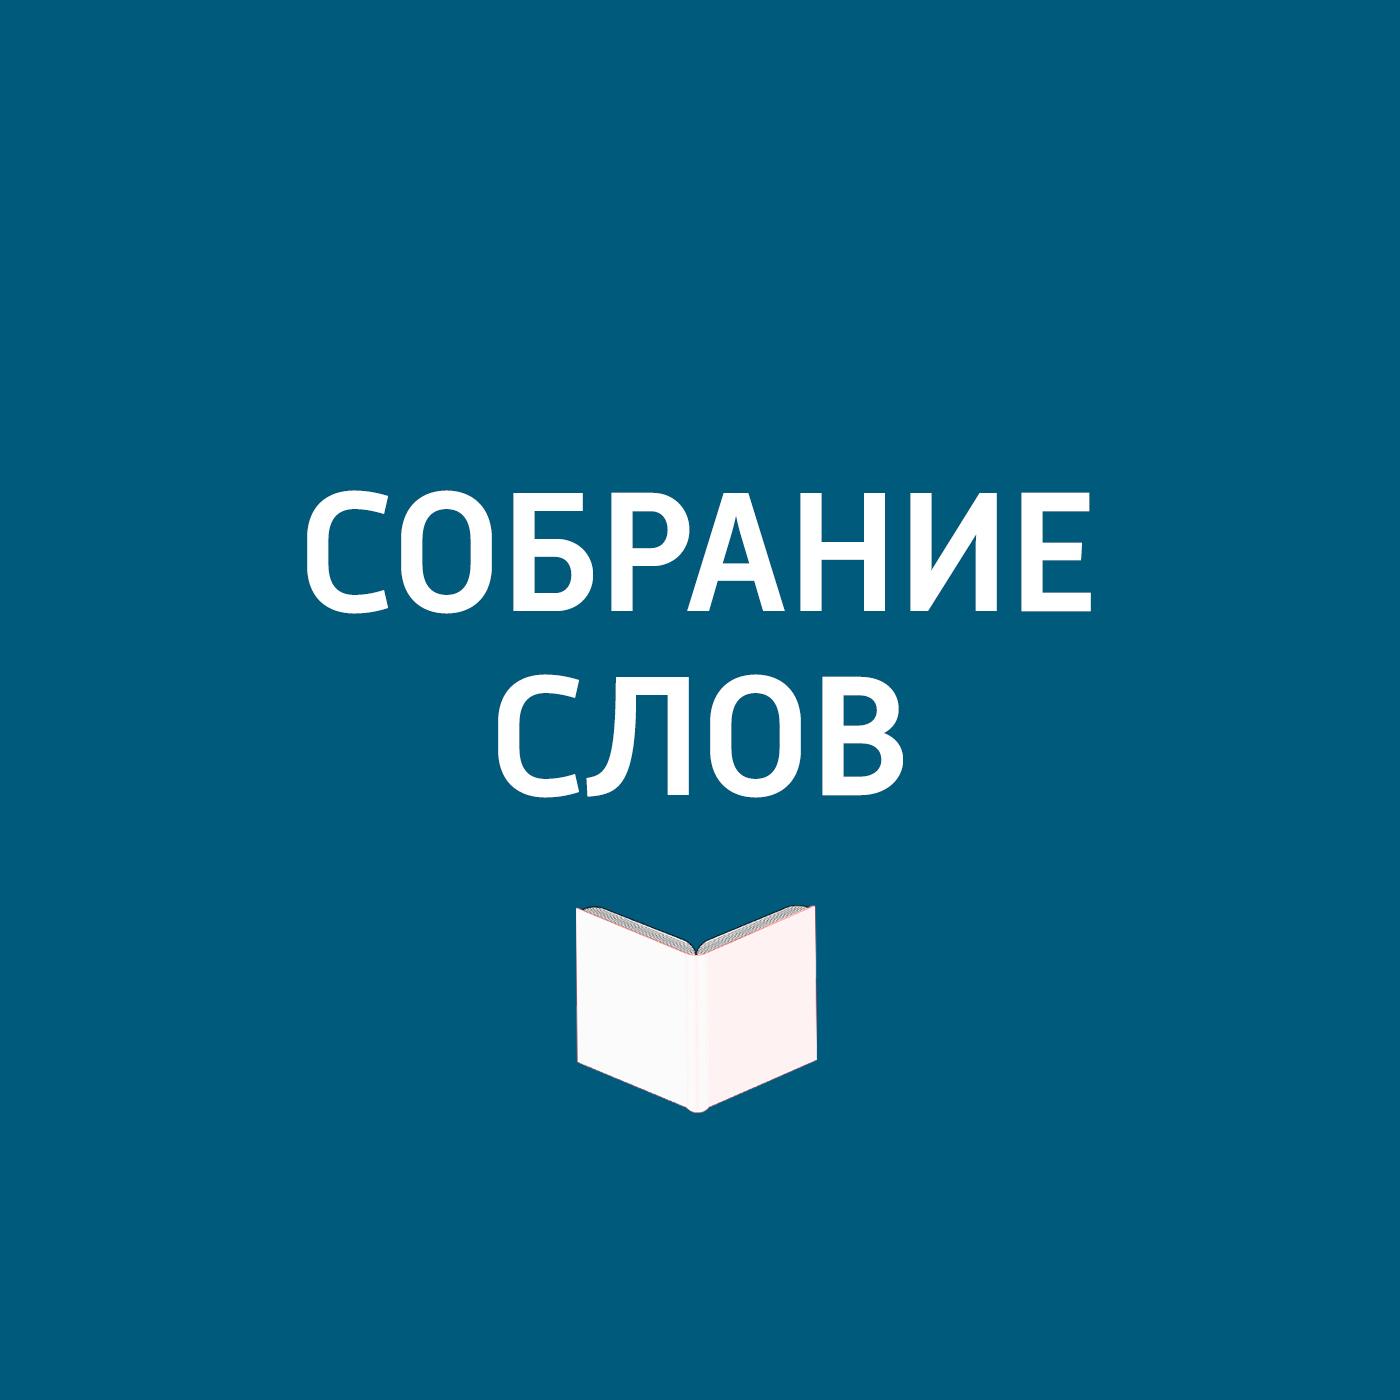 Творческий коллектив программы «Собрание слов» Большое интервью Вячеслава Бутусова